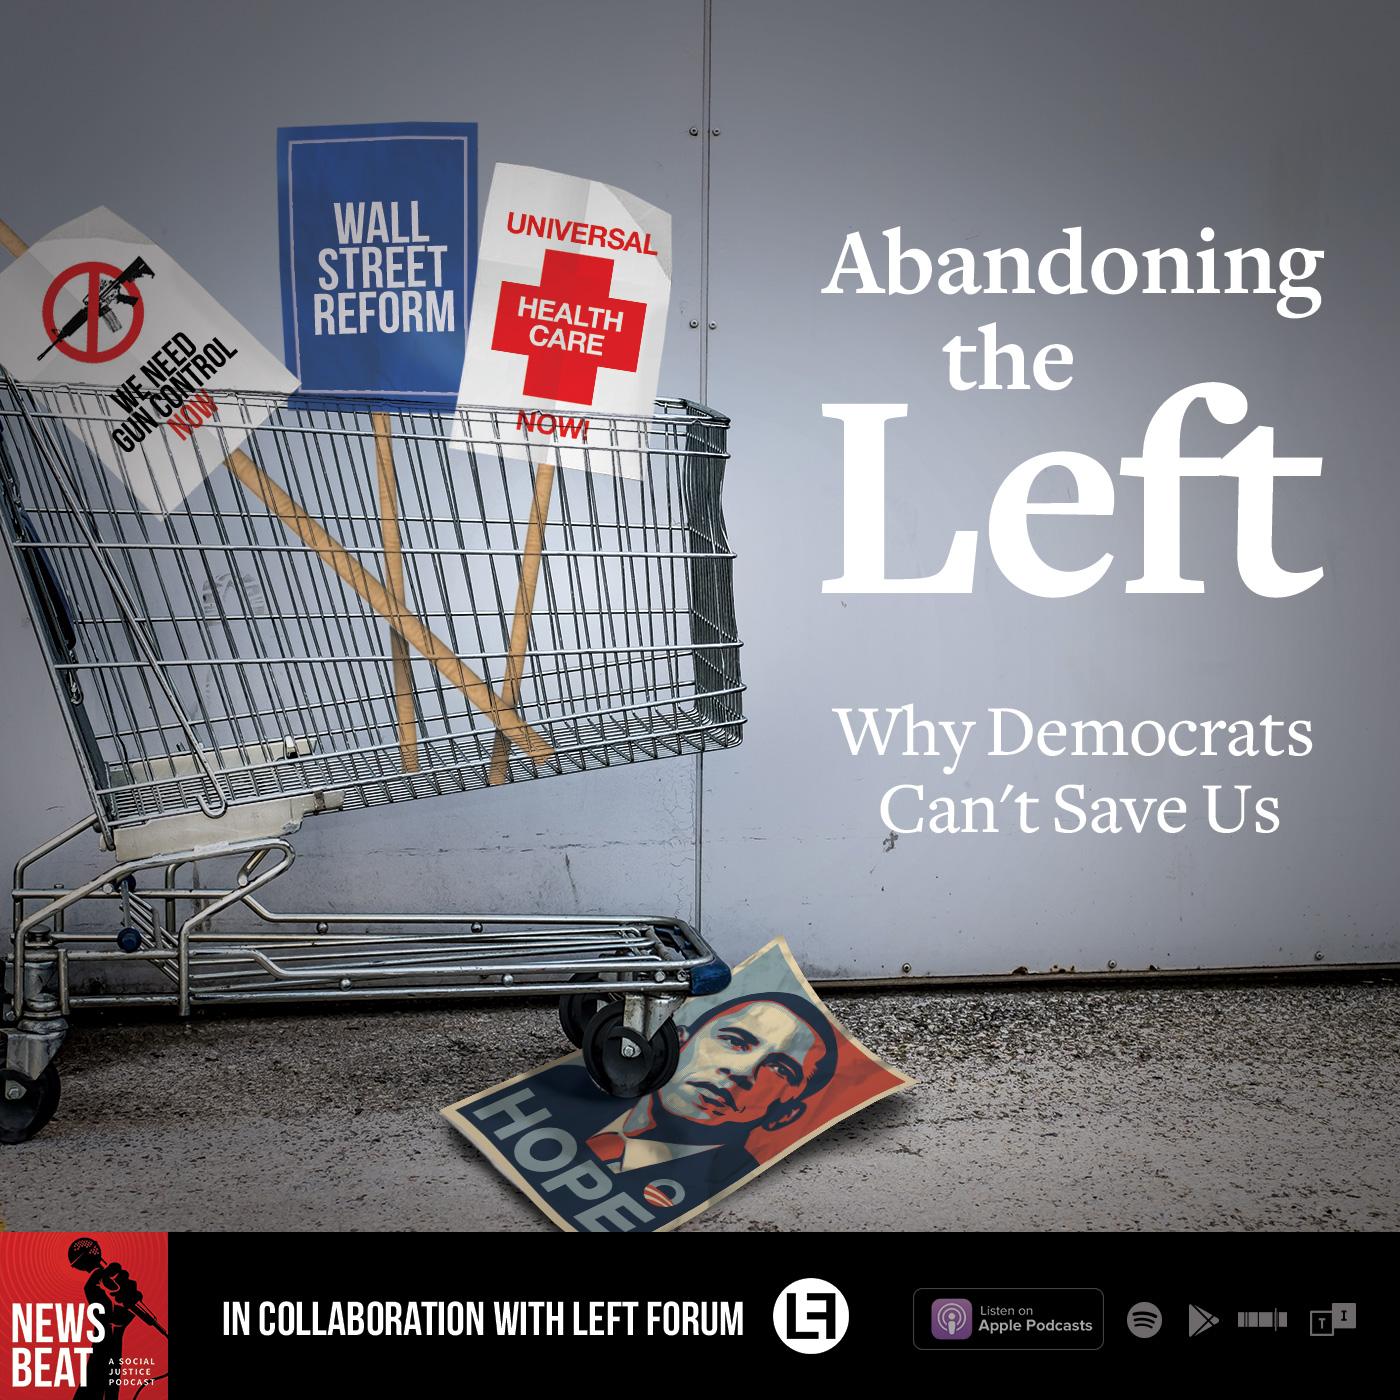 Abandoning the Left